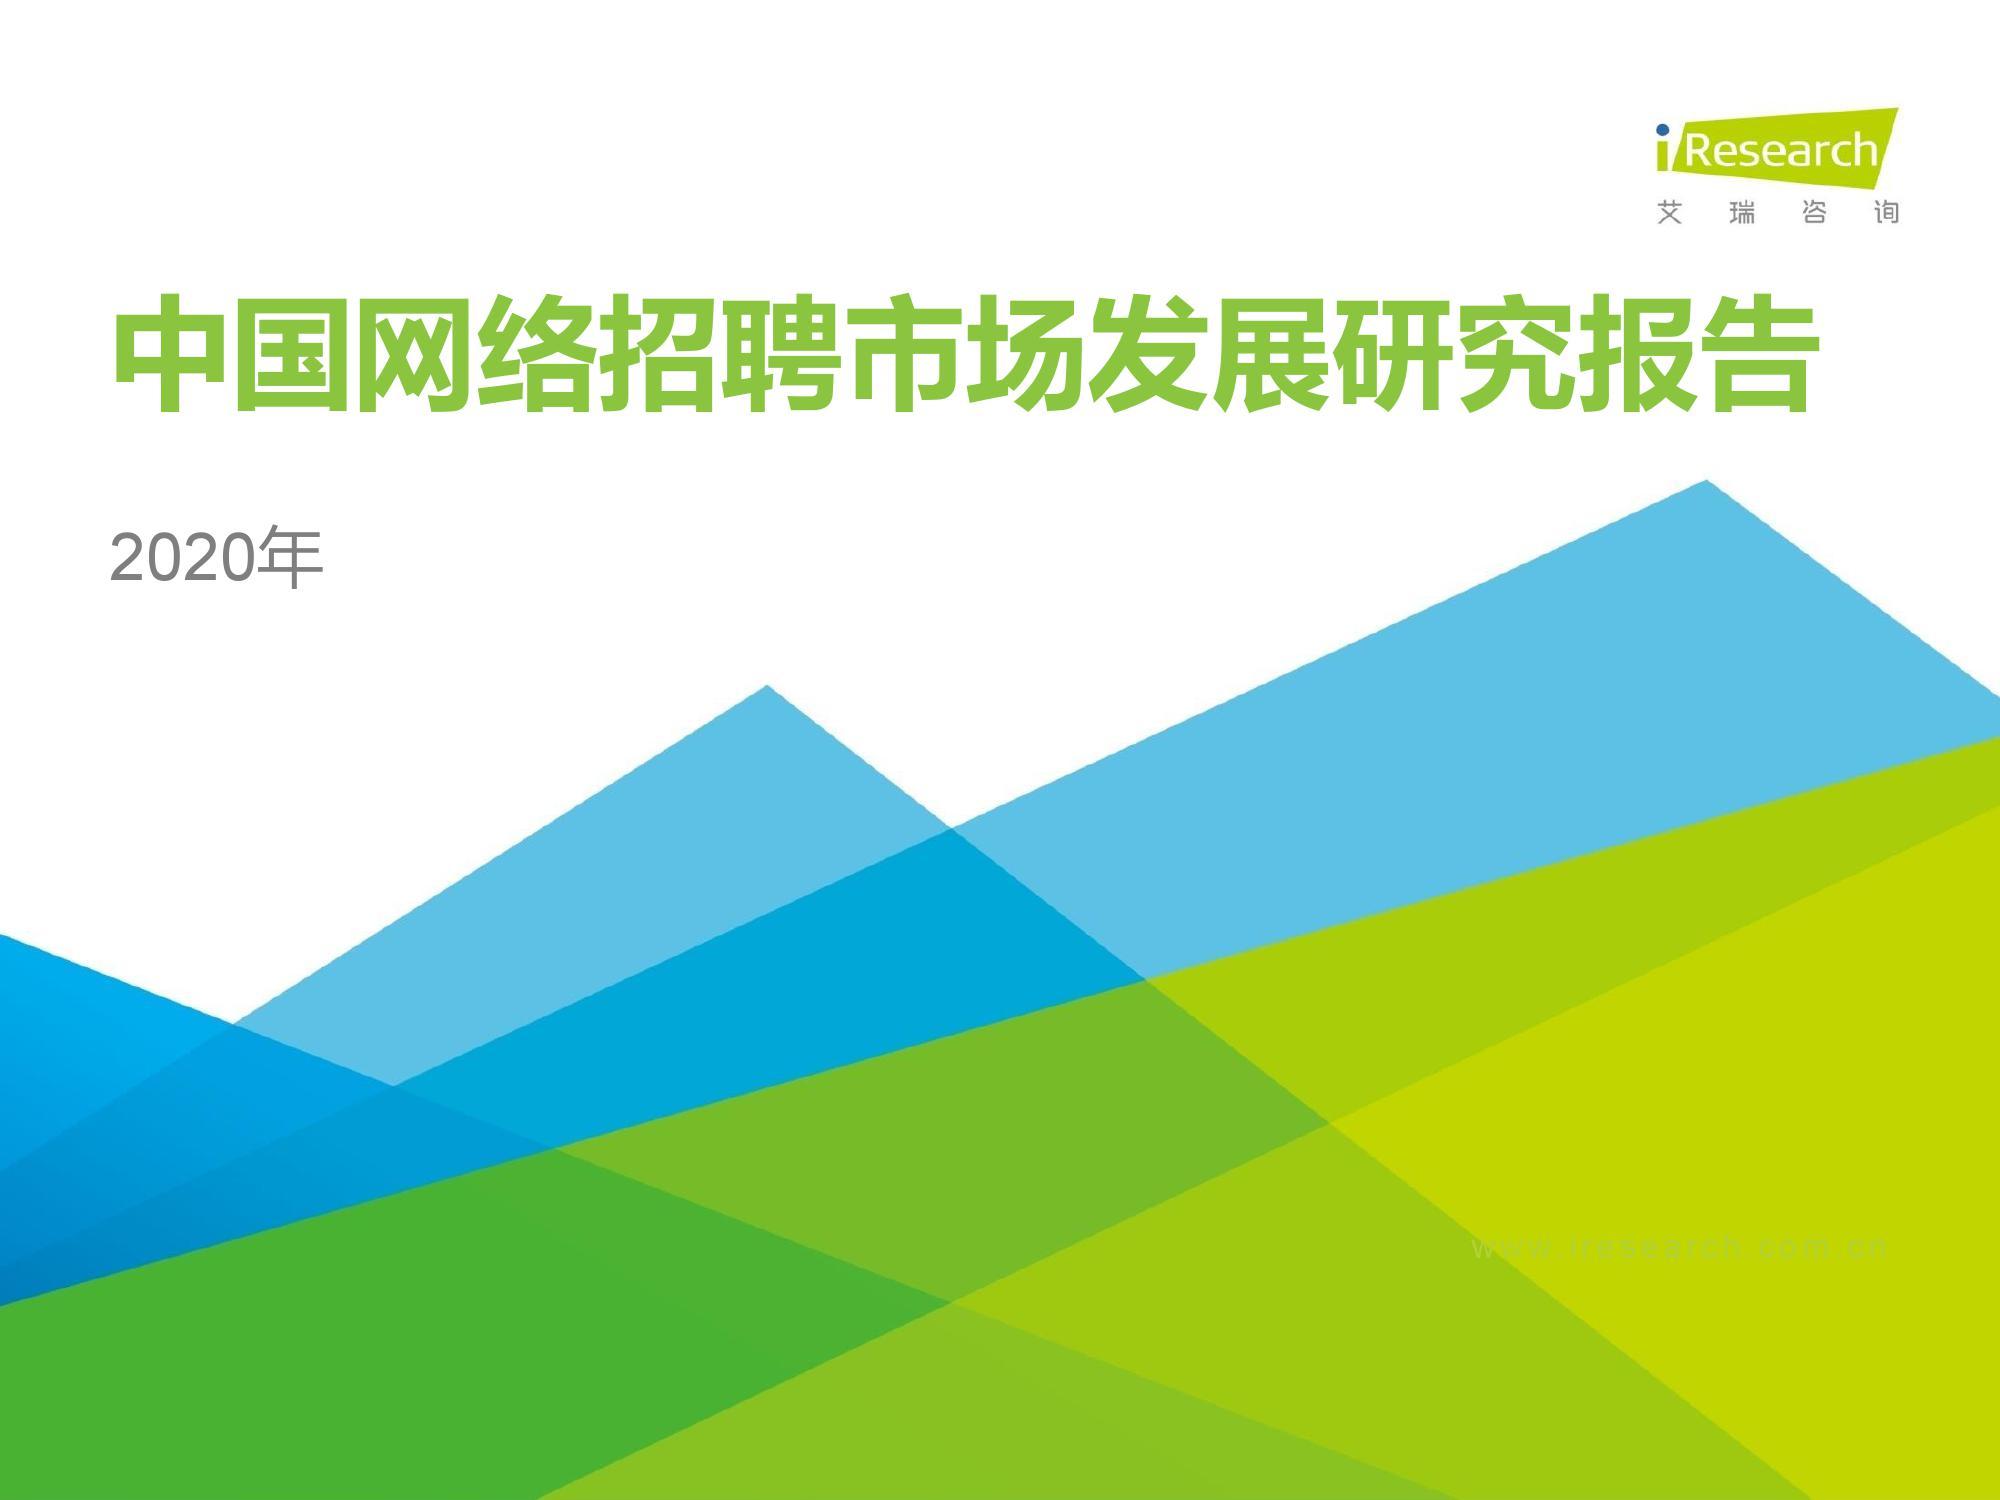 艾瑞咨询:2020年中国网络招聘行业市场发展研究报告(附下载)